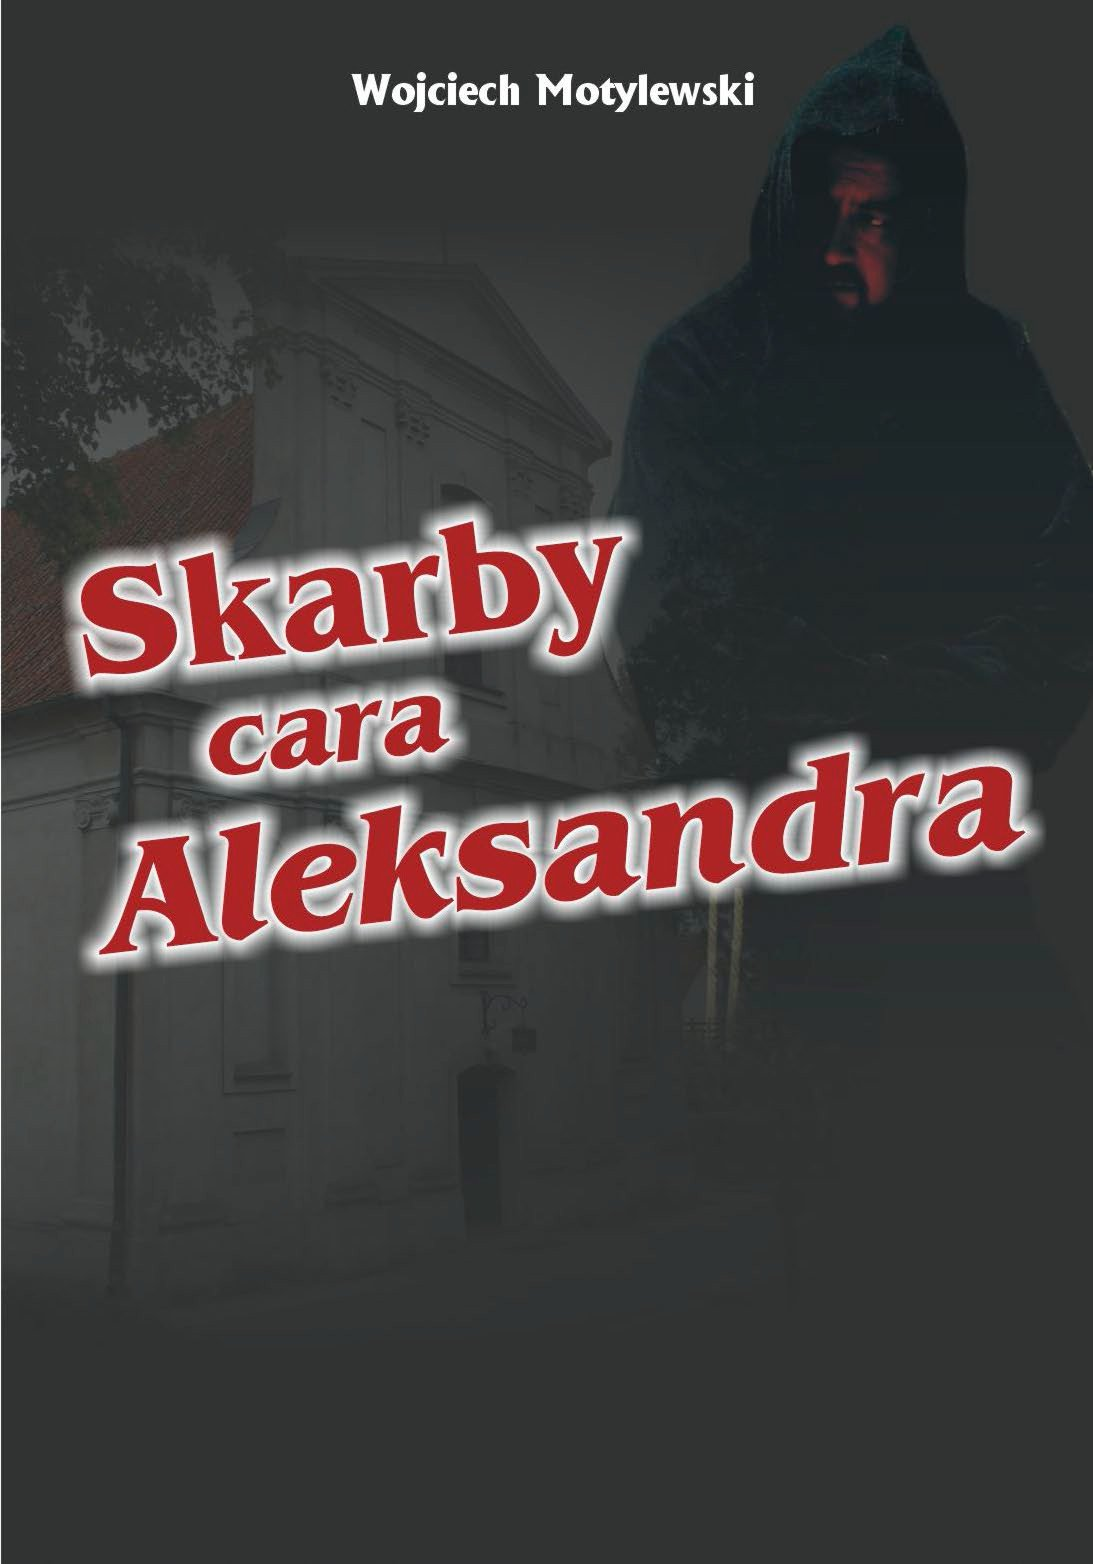 Skarby cara Aleksandra - Ebook (Książka EPUB) do pobrania w formacie EPUB